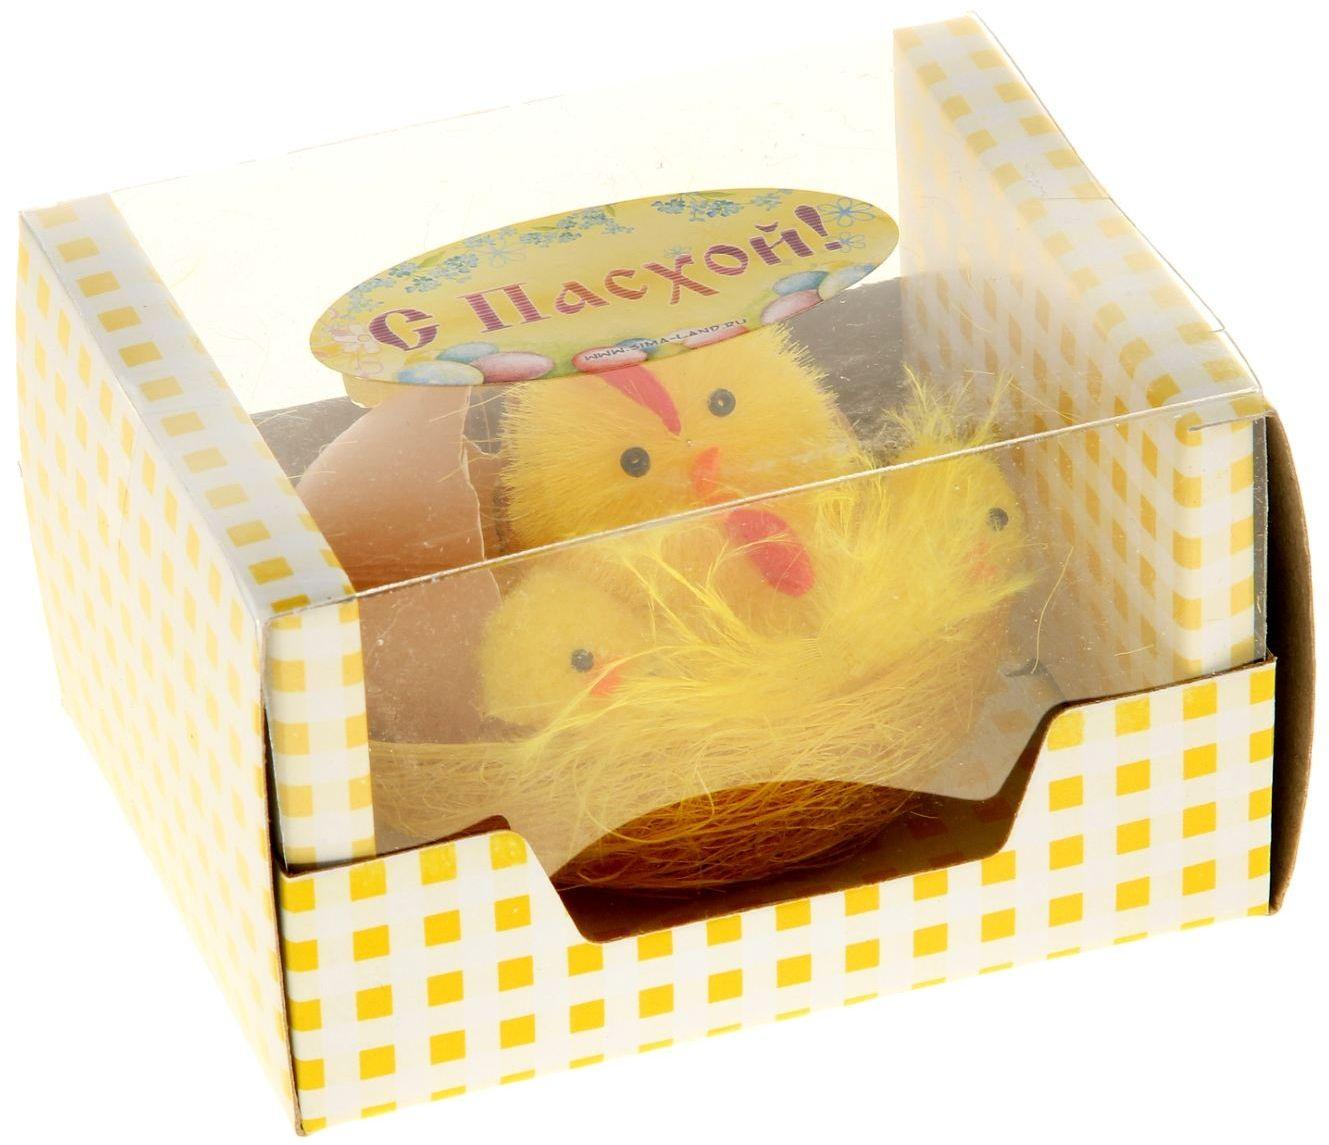 Сувенир пасхальный Sima-land Птенцы в скорлупе с бантиком12723Дарить подарки на Пасху – это такая же традиция, как красить яйца и выпекать куличи. Презенты вдвойне приятнее, если они несут в себе сакральный смысл и имеют какое-то значение.Сувенир Птенцы в скорлупе с бантиком - это символ возрождения и непрерывности жизни. С его помощью вы сможете украсить жилище, преподнести его близкому человеку или использовать при сервировке стола всю пасхальную неделю. Кроме того, пасхальные цыплята нравятся маленьким деткам.